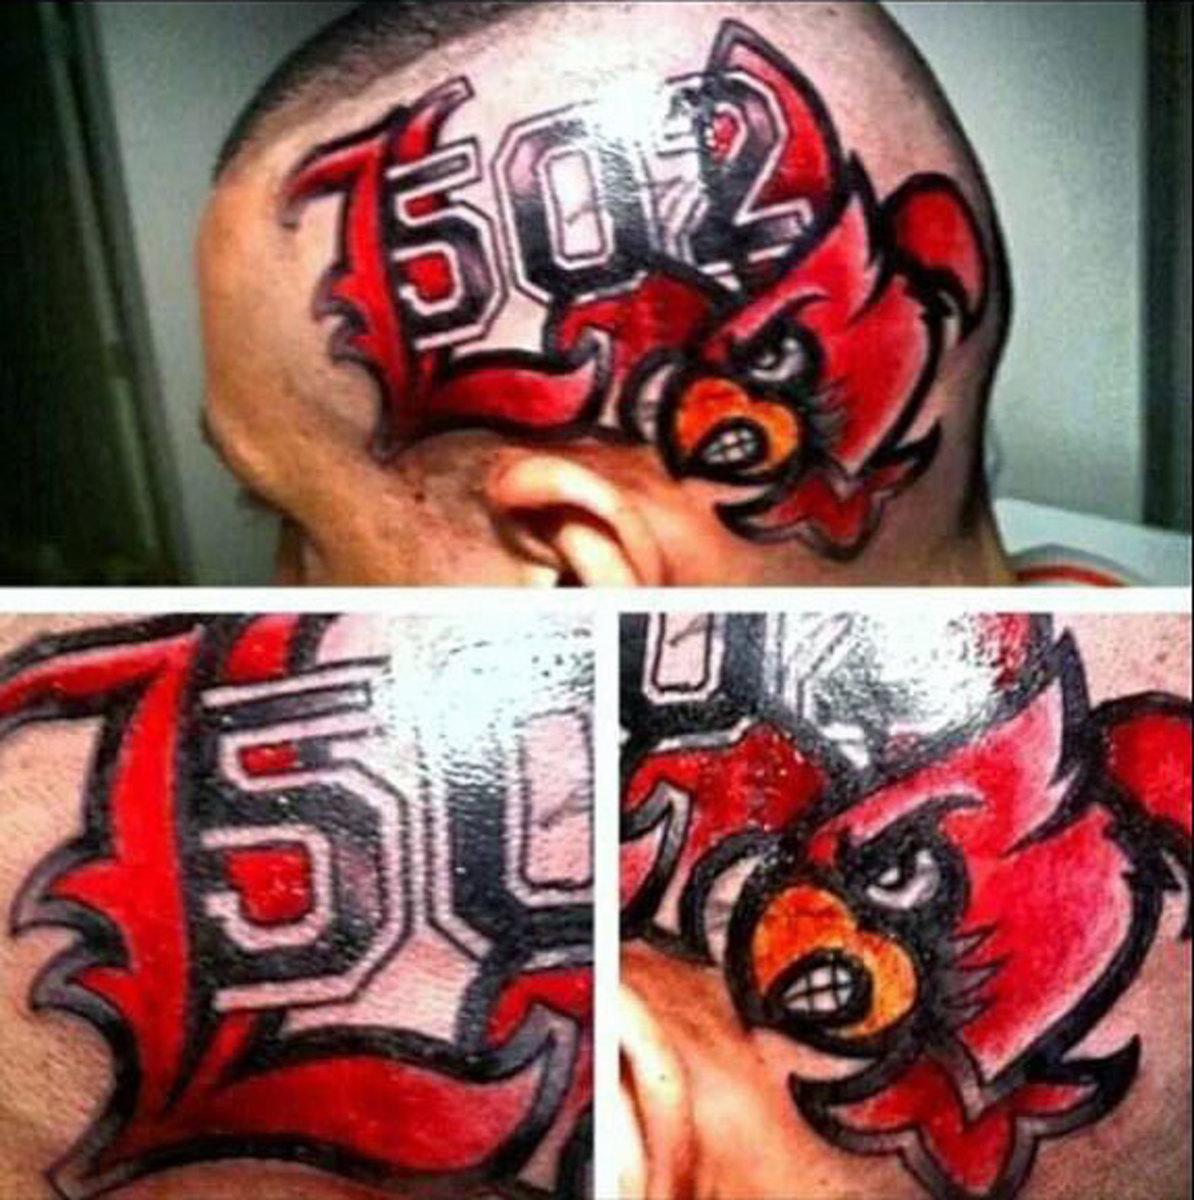 140116105741-louisville-fan-head-tattoo-single-image-cut.jpg